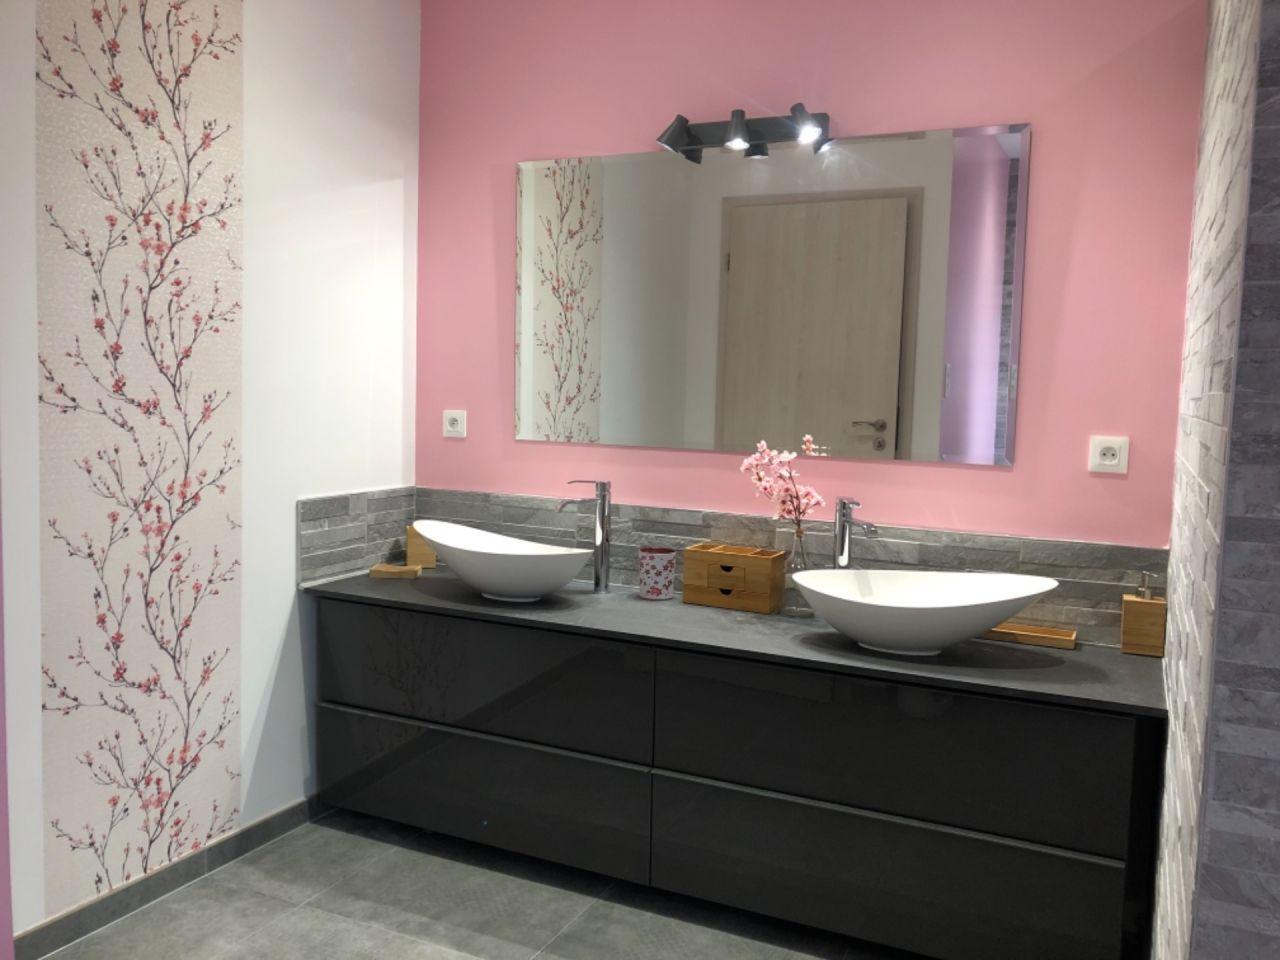 Papier peint de la salle de bain terminé ! Manque plus que de la déco murale :)